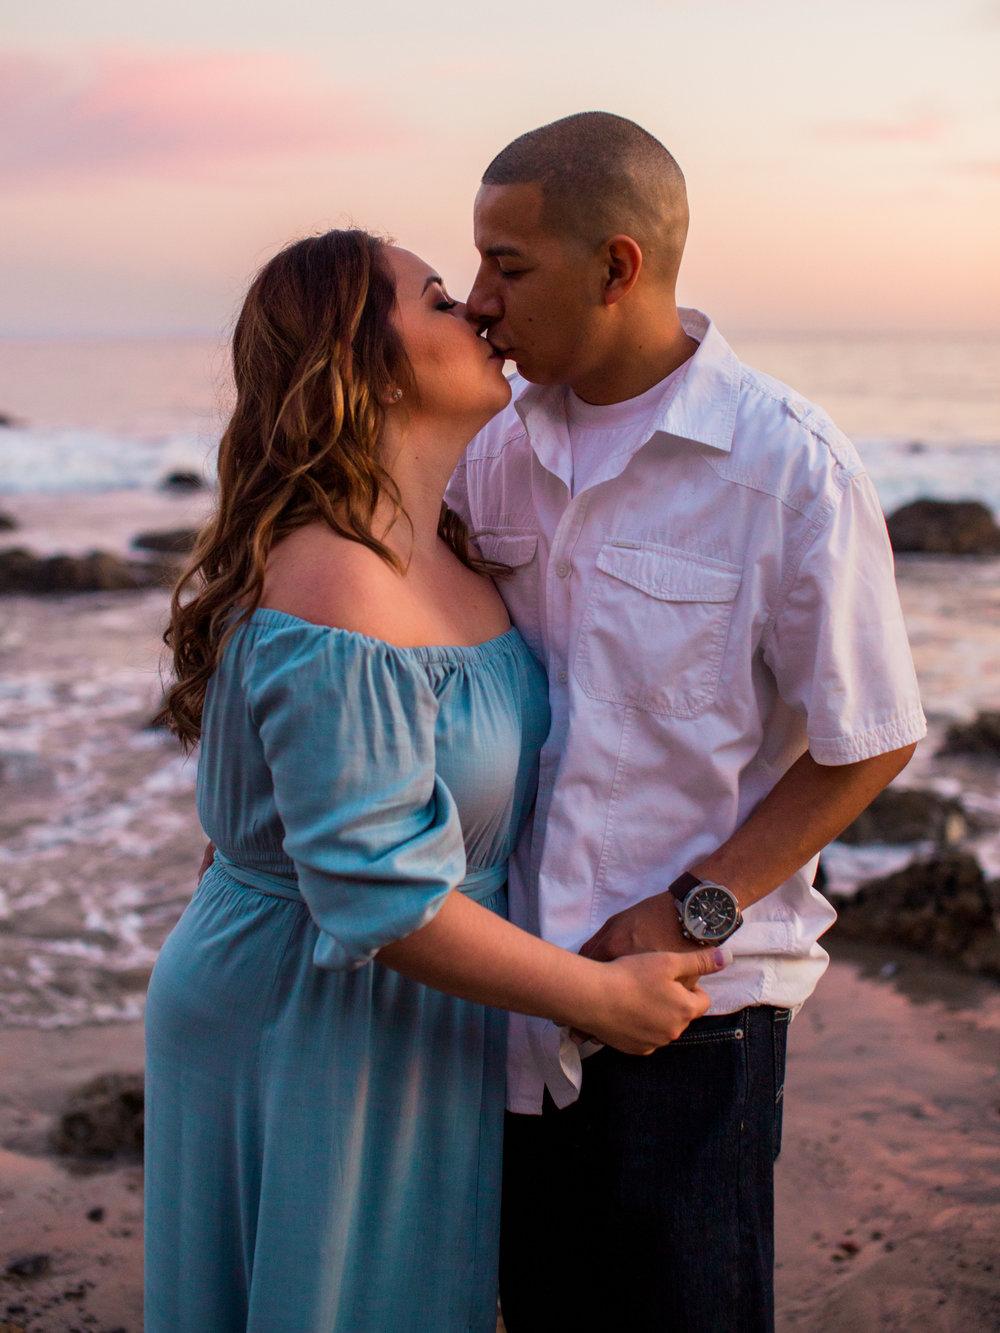 DennisRoyCoronel__LianaAlfredo_Engagement-46.jpg